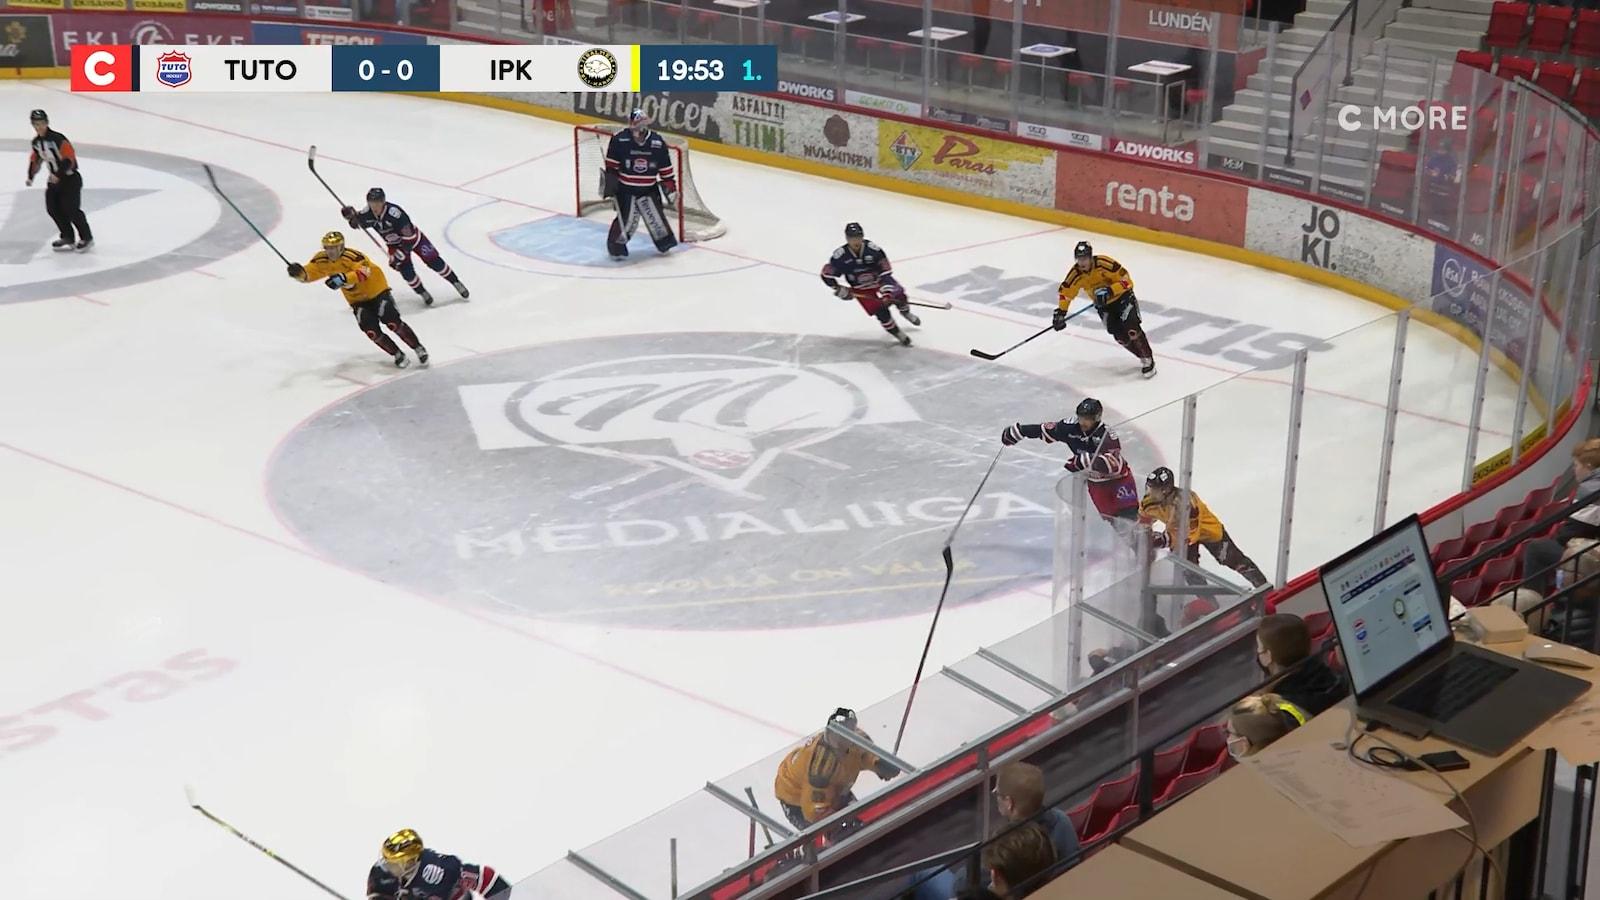 Maalikooste: TUTO Hockey - IPK